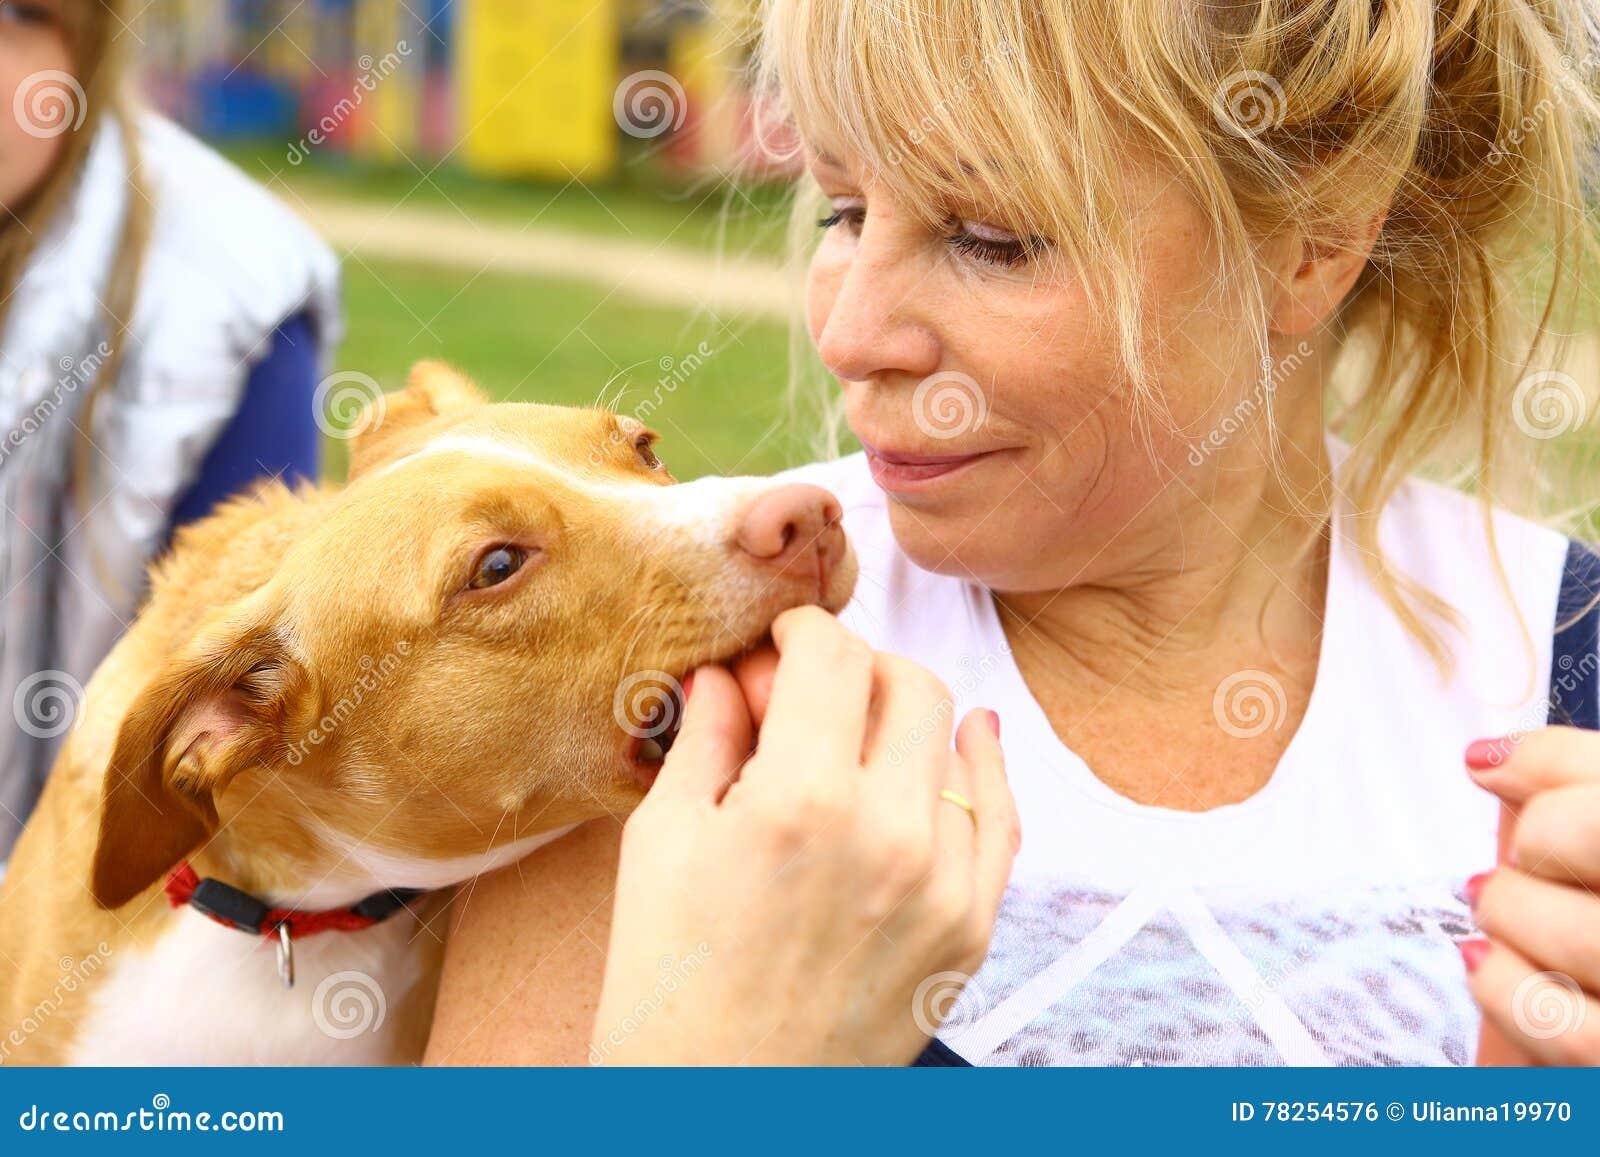 Η γυναίκα δίνει το λουκάνικο στο σκυλί